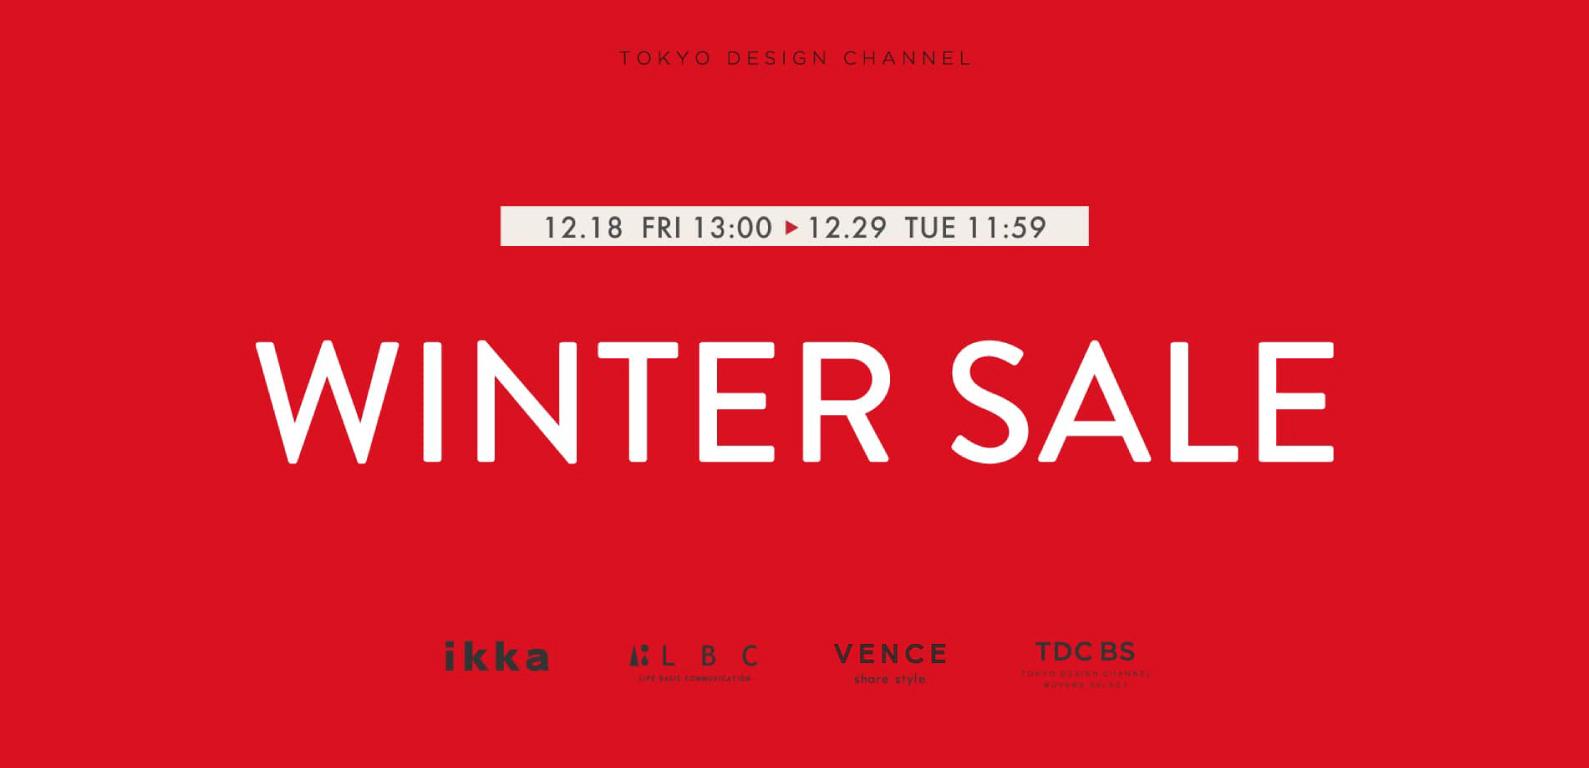 TDC winter sale 2020